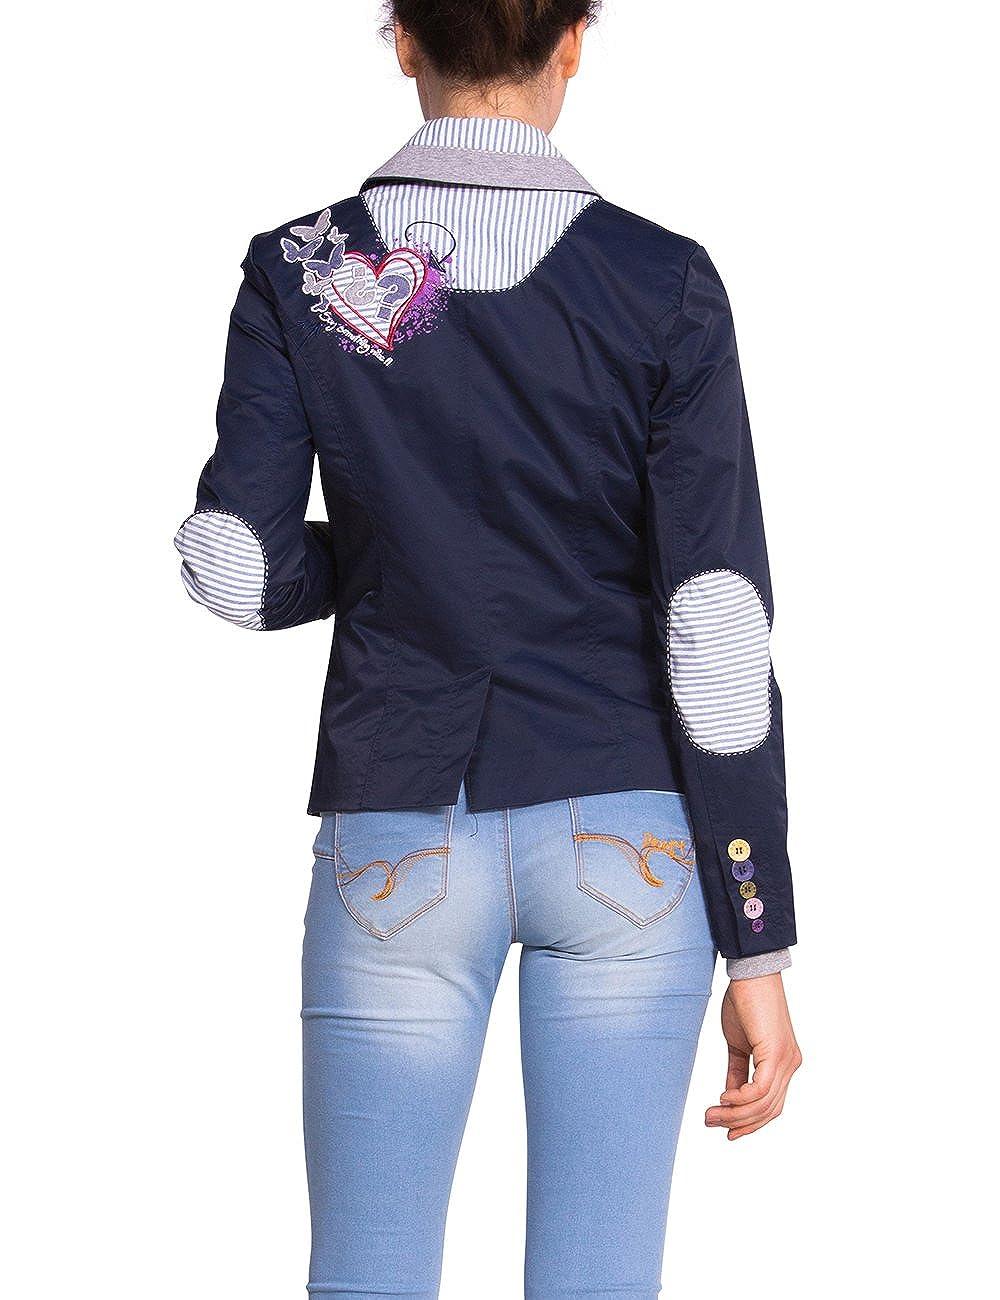 Taille Bleu 36 Vêtements Femme À 58Jean Desigual Pour USMGLqVpz